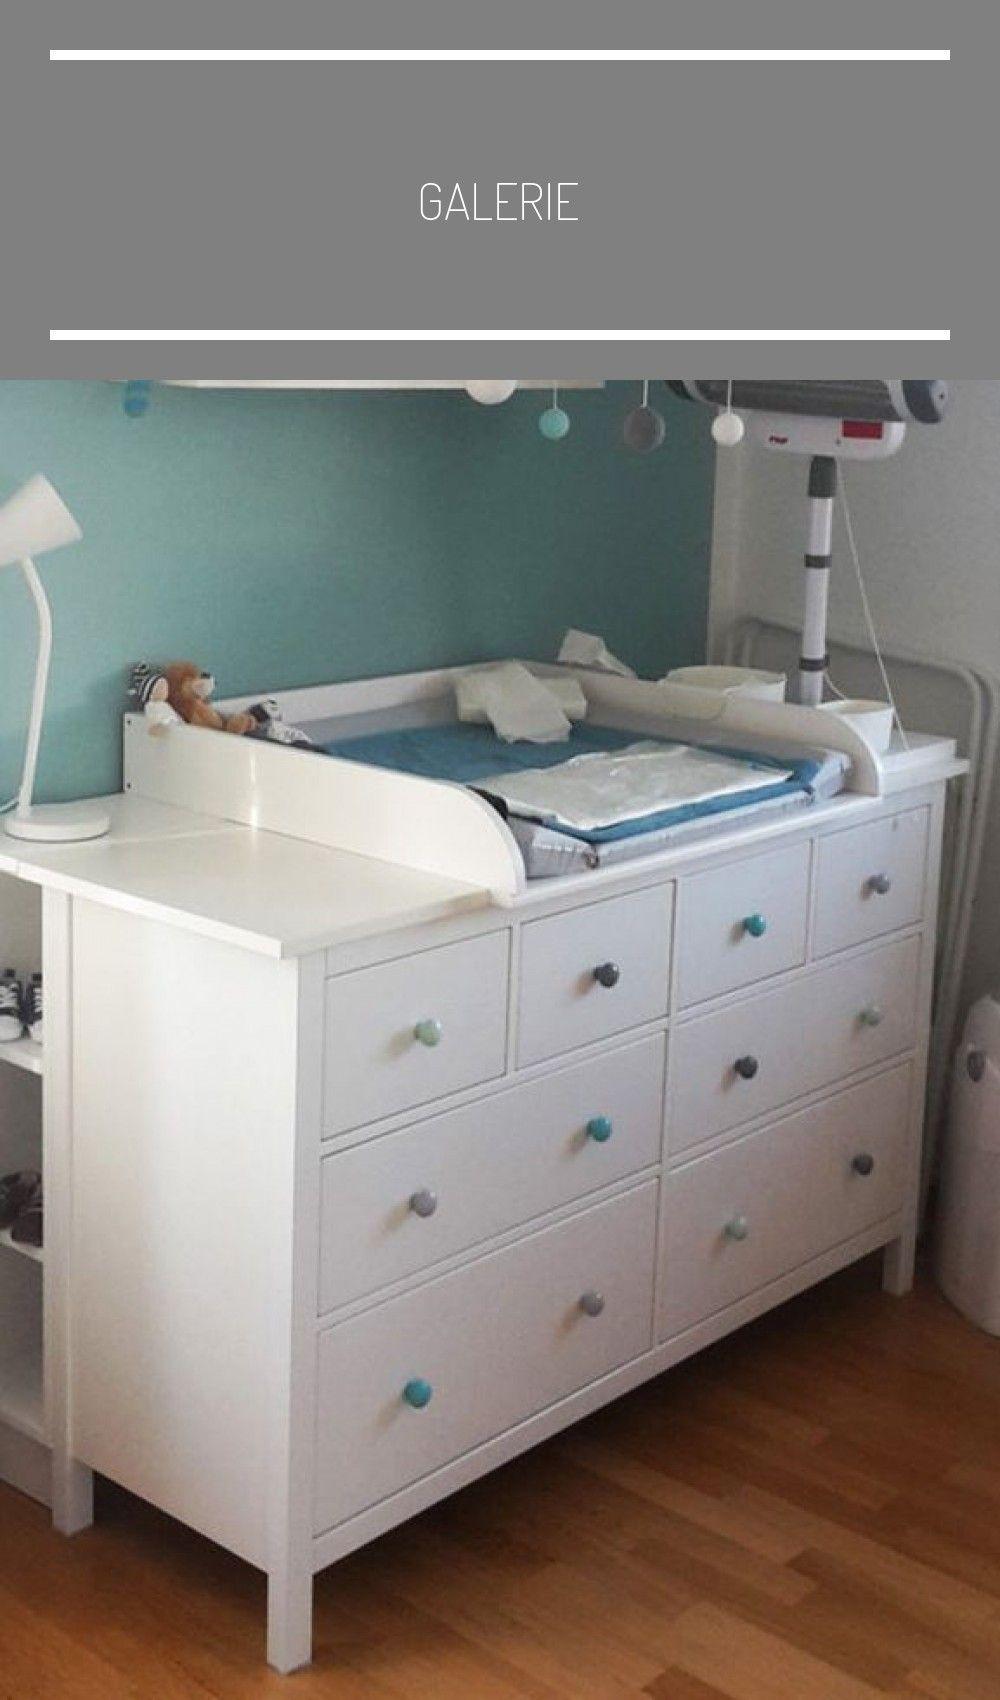 Babyzimmer Ikea Wickelkommode Babyzimmer Einrichten Galerie Werkstatt Geppe In 2020 Ikea Babyzimmer Wickeltisch Ikea Babyzimmer Dekor